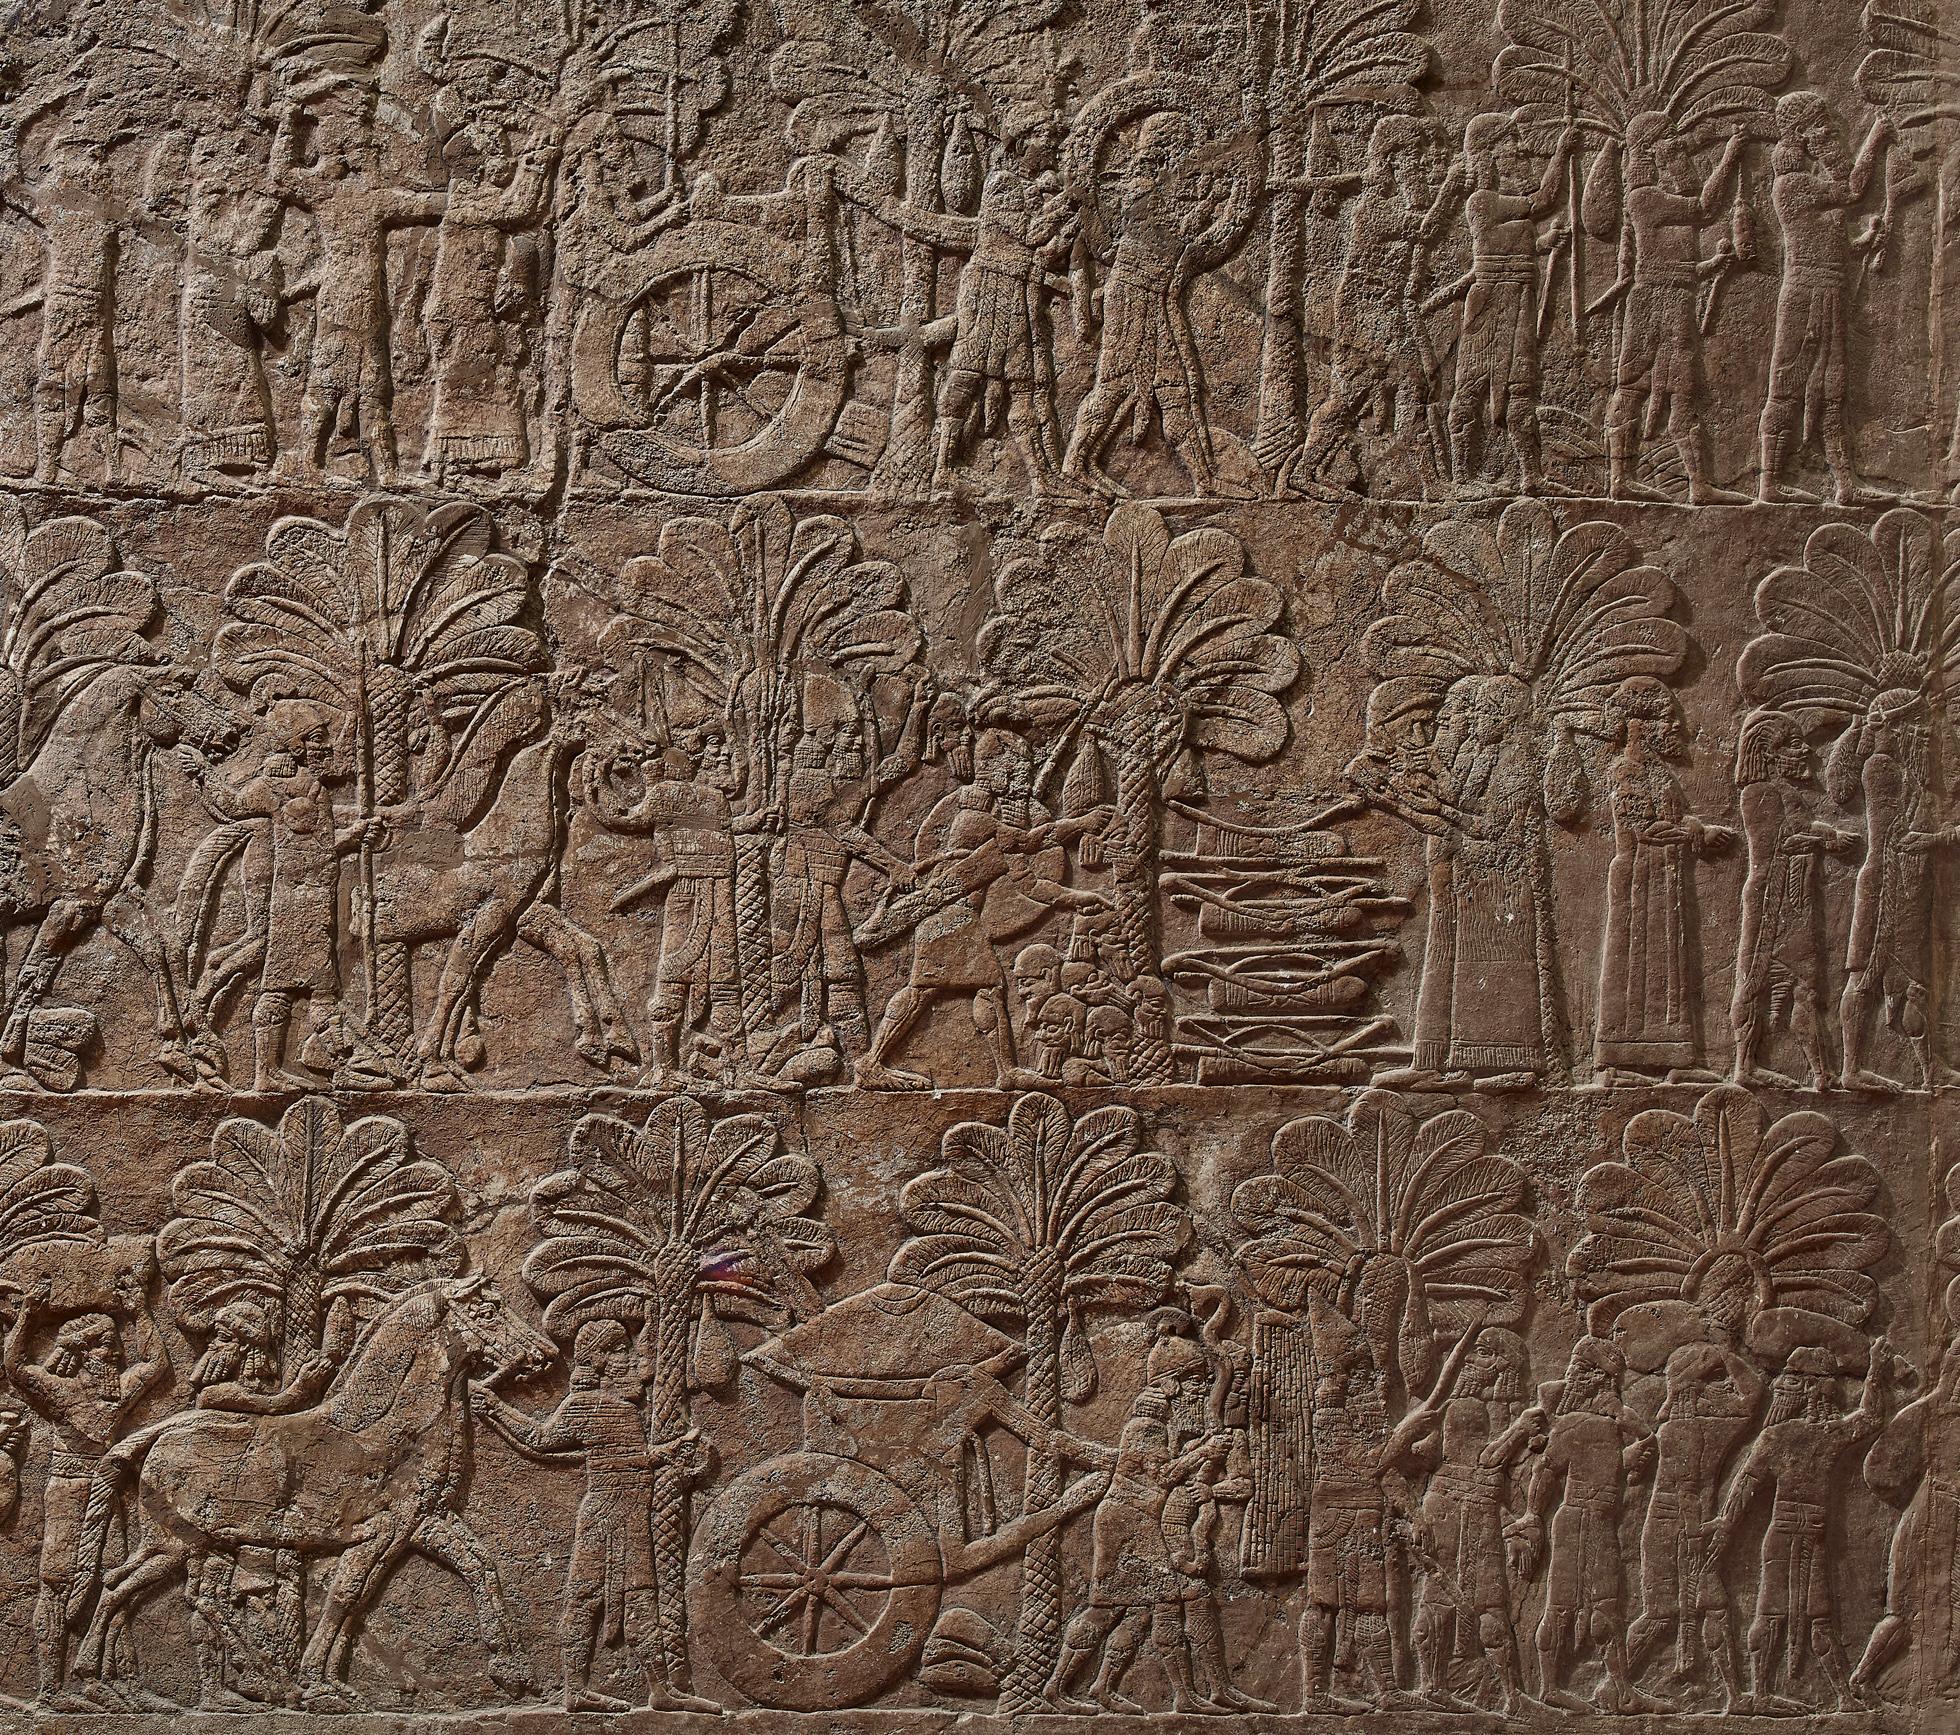 上图:尼尼微出土的亚述王亚斯那巴(Ashurbanipal,主前668-627年在位)的军队镇压巴比伦反叛、带走俘虏的壁画。主前626年,巴比伦一直是亚述的手下败将,所以犹大人不会相信遥远的巴比伦会侵略自己(哈一5)